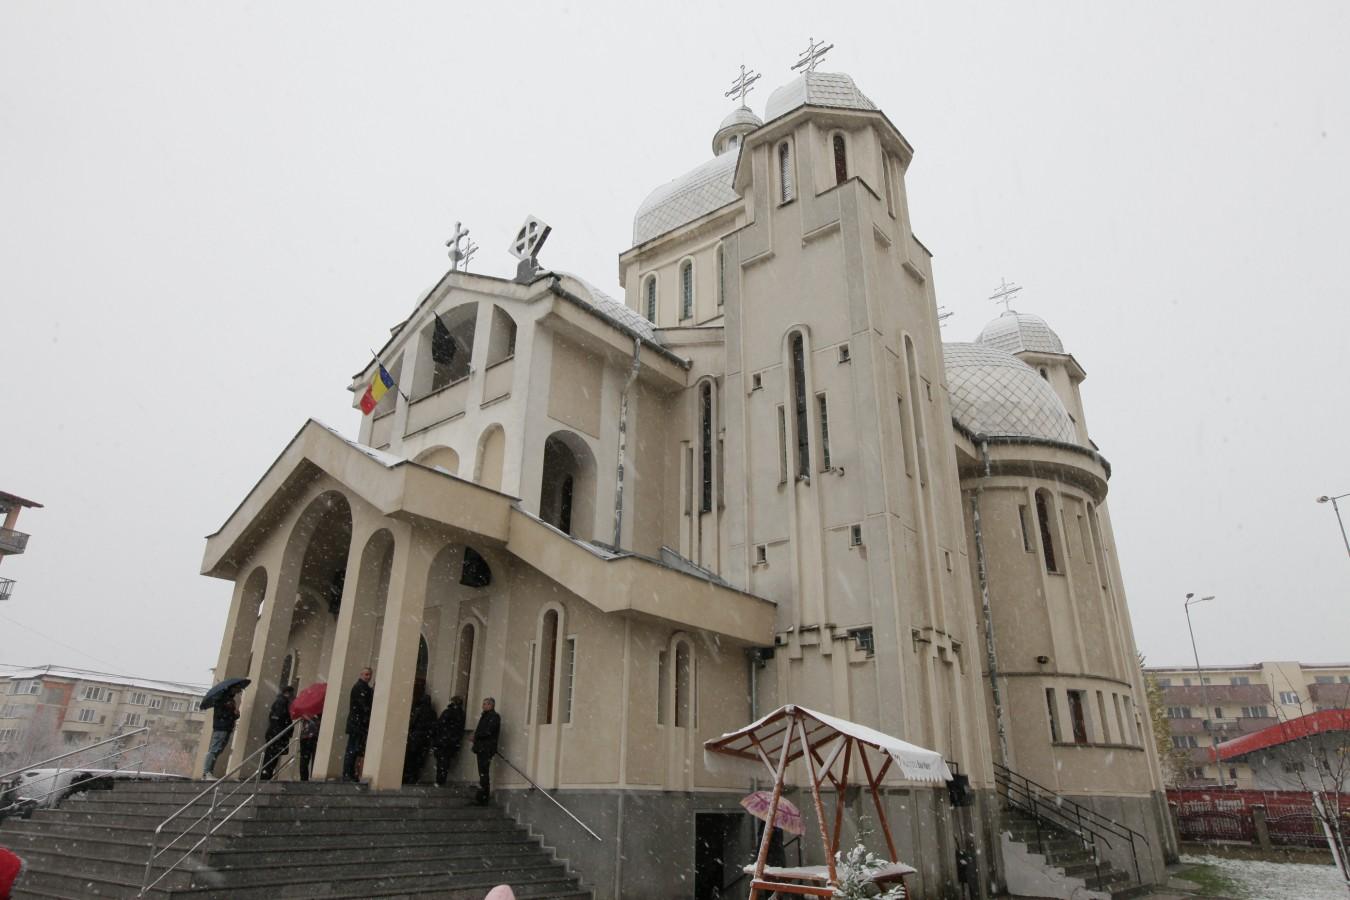 """Sfânta Liturghie Arhierească şi hram la biserica """"Sfinţii Arhangheli Mihail şi Gavriil"""" din Baia Mare"""